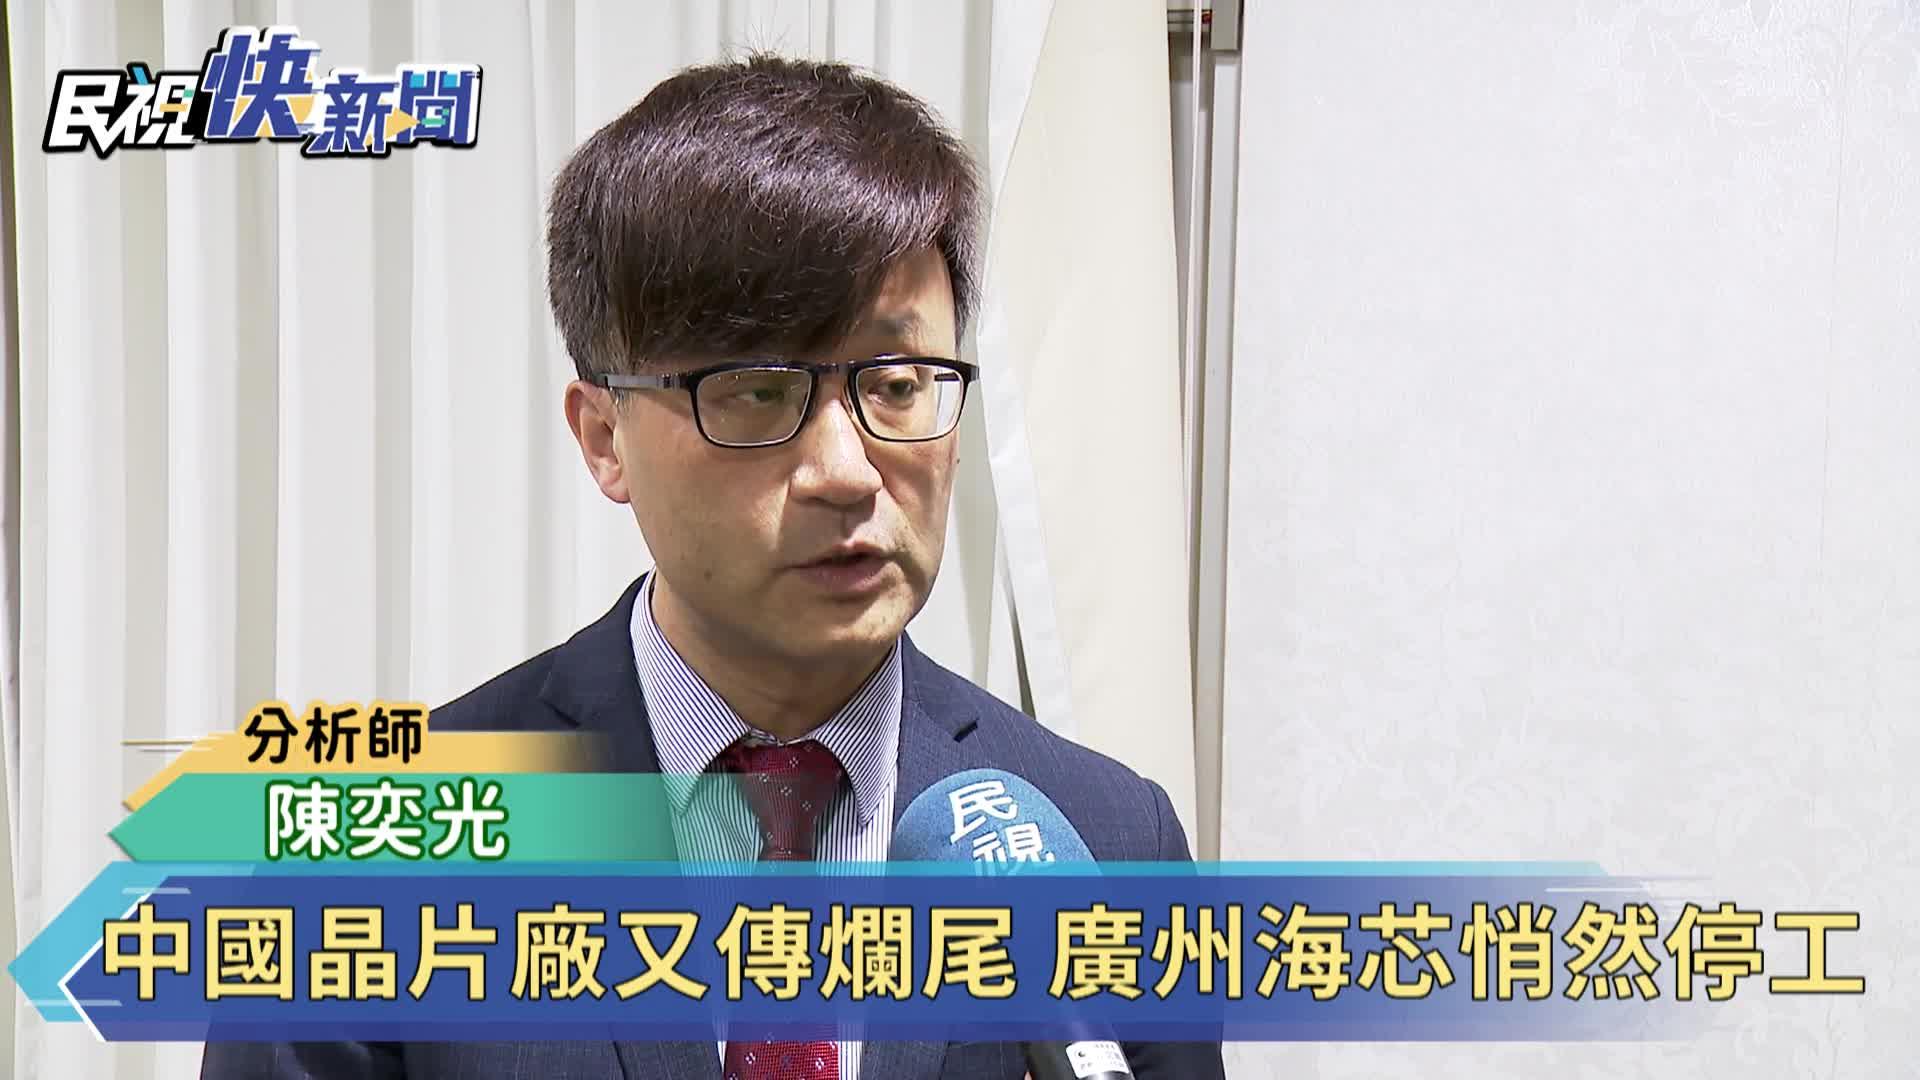 中國晶片廠又傳爛尾 廣州海芯悄然停工